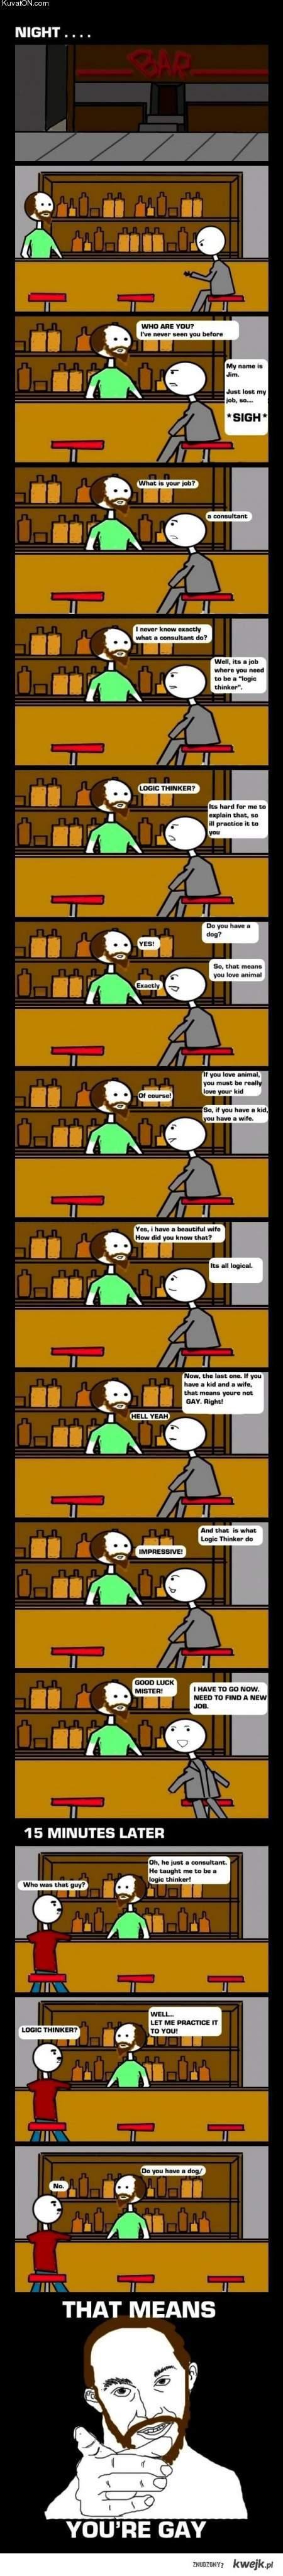 logic thinker comic